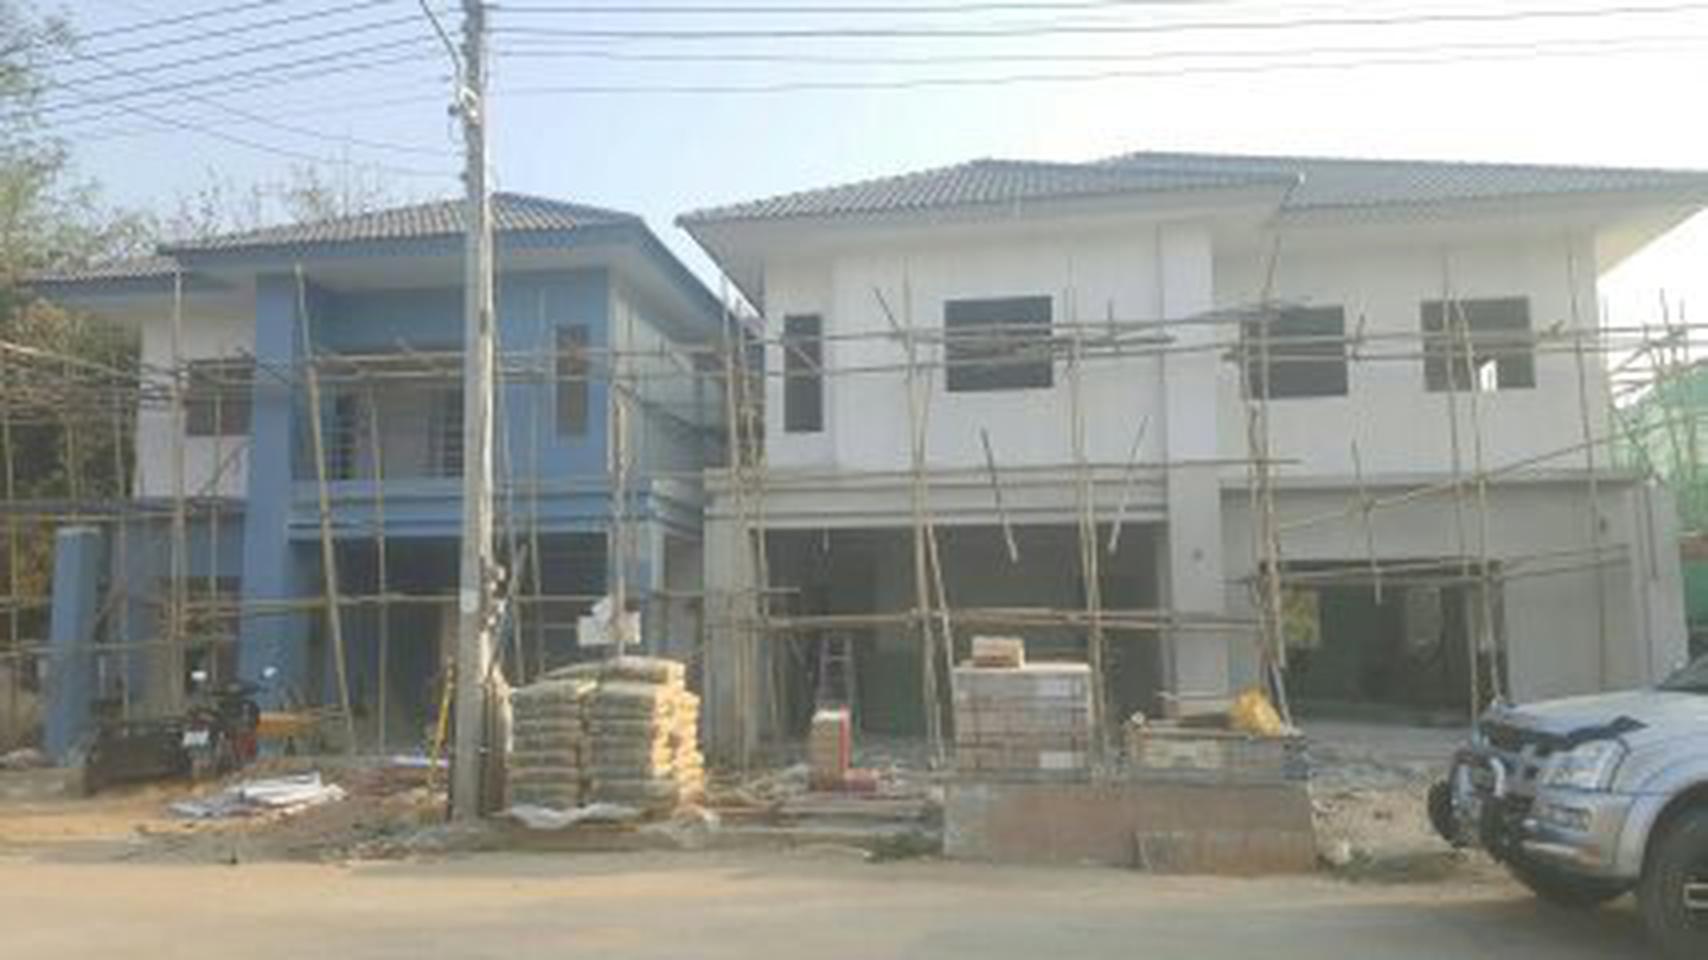 บ้านเดี่ยวเชียงใหม่ในหมู่บ้านบุรีทาน่า รูปที่ 2